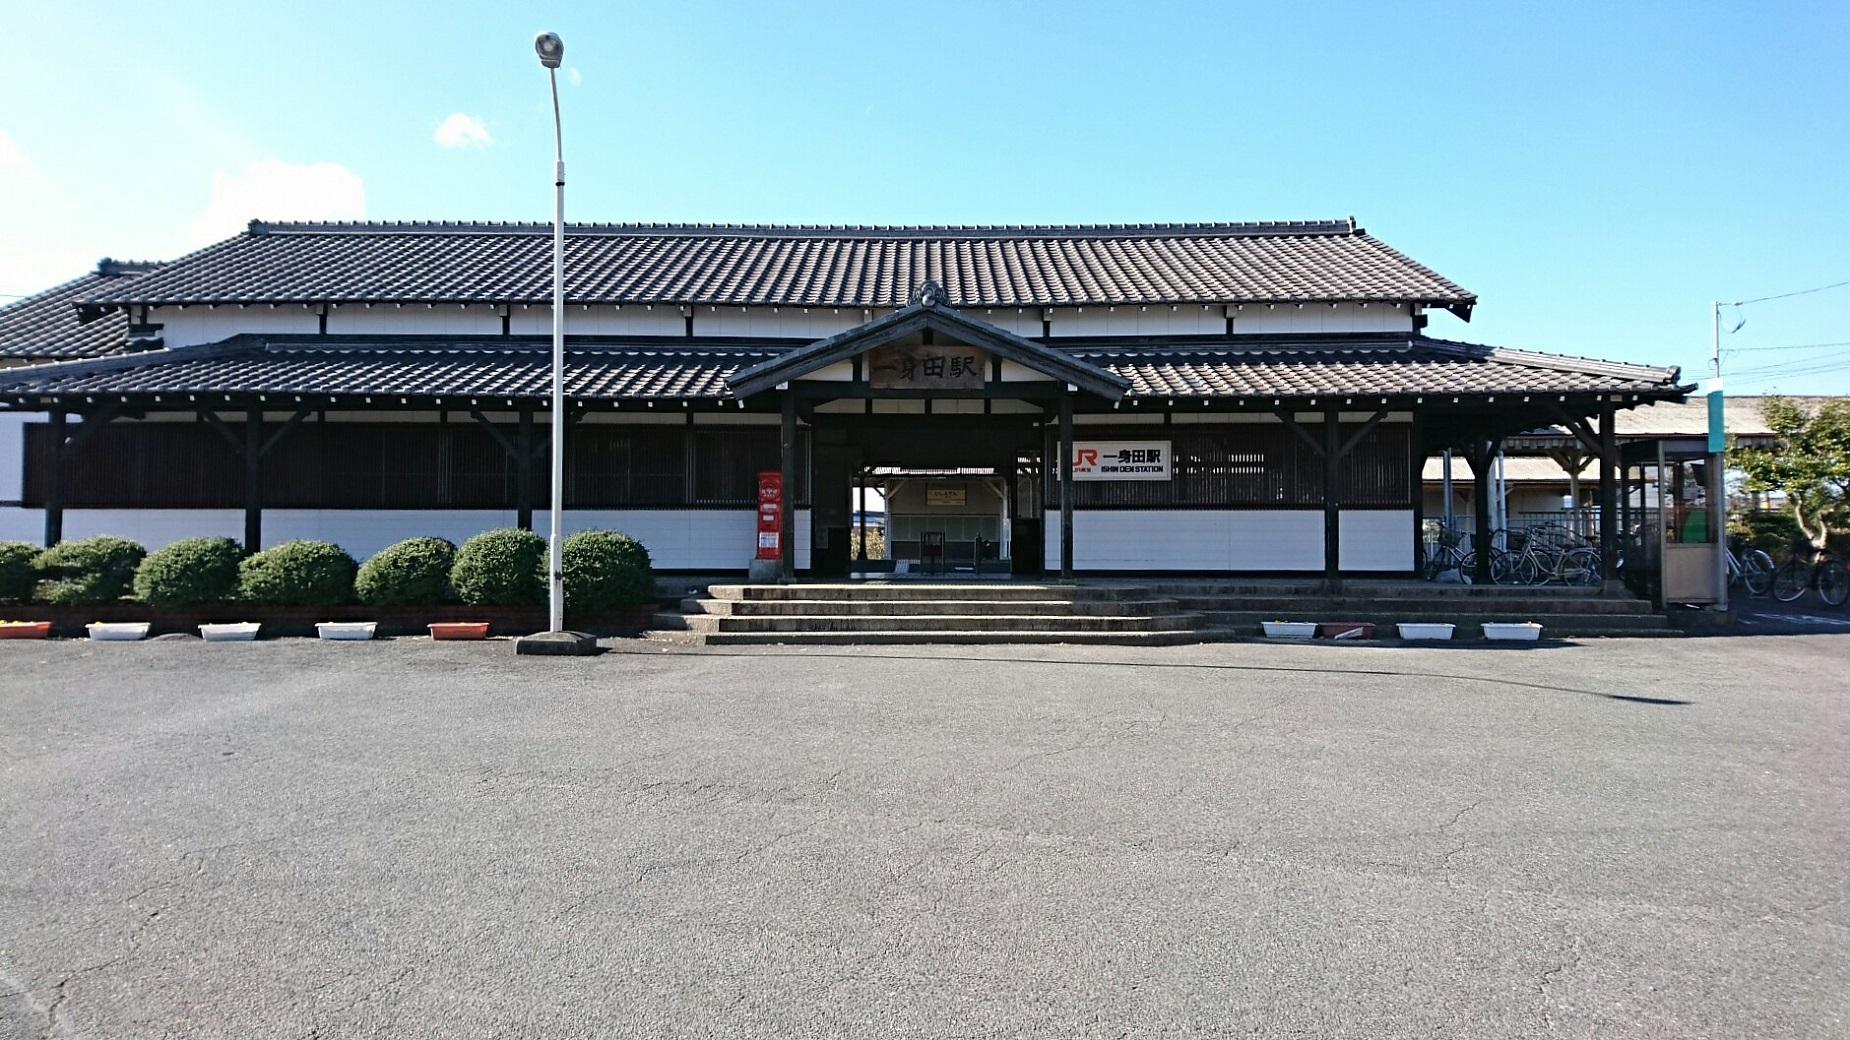 2017.12.12 松阪 (1) 一身田 - 駅舎 1850-1040